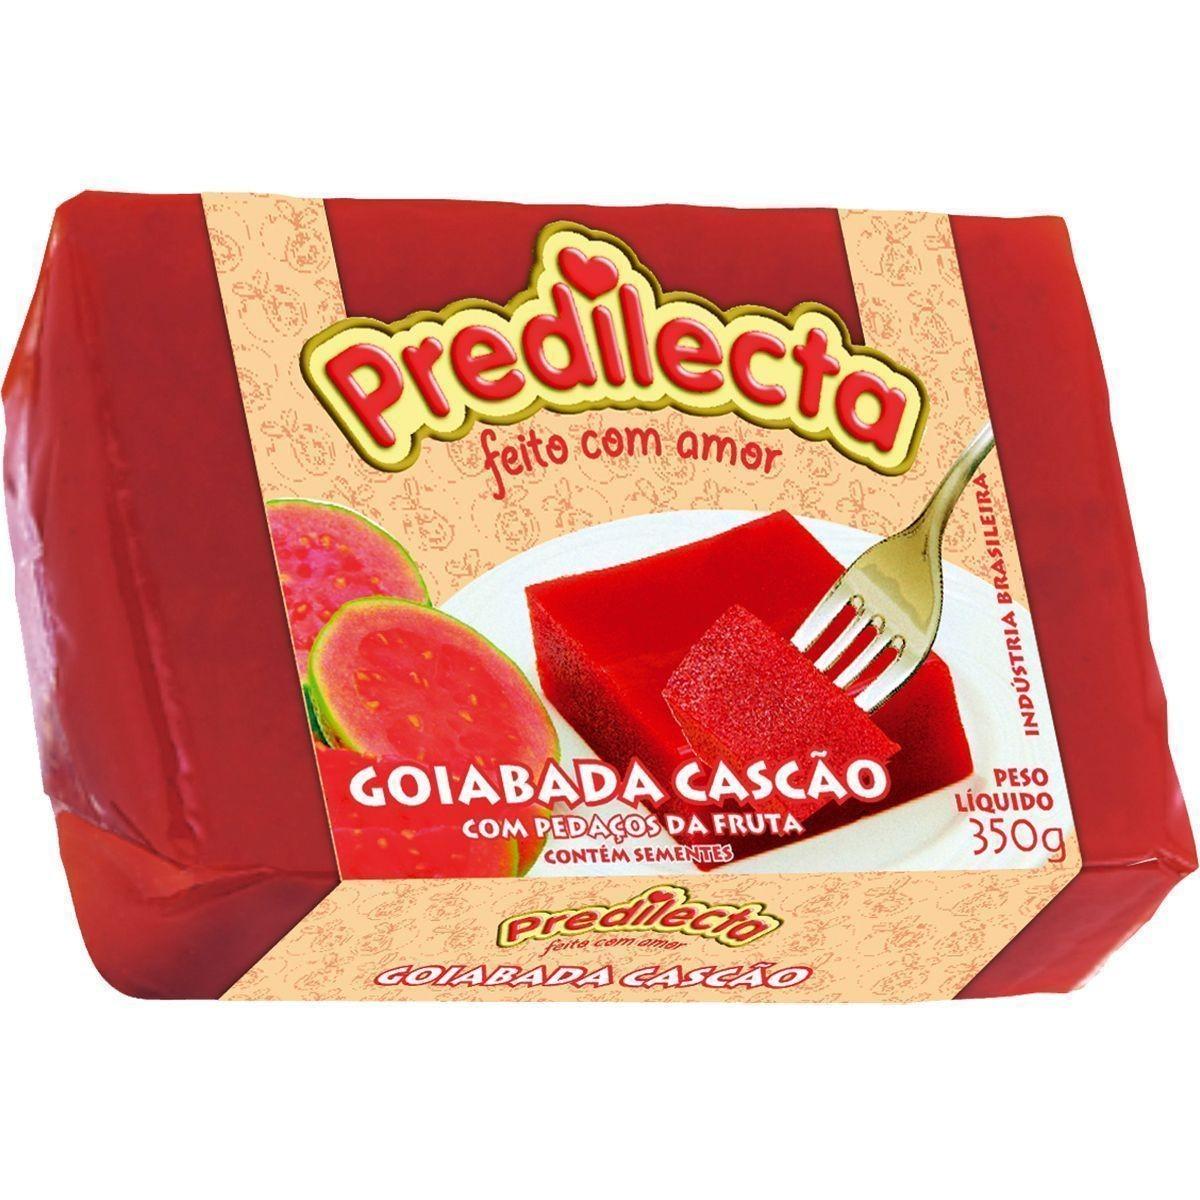 Goiabada Cascao Predilecta 350g